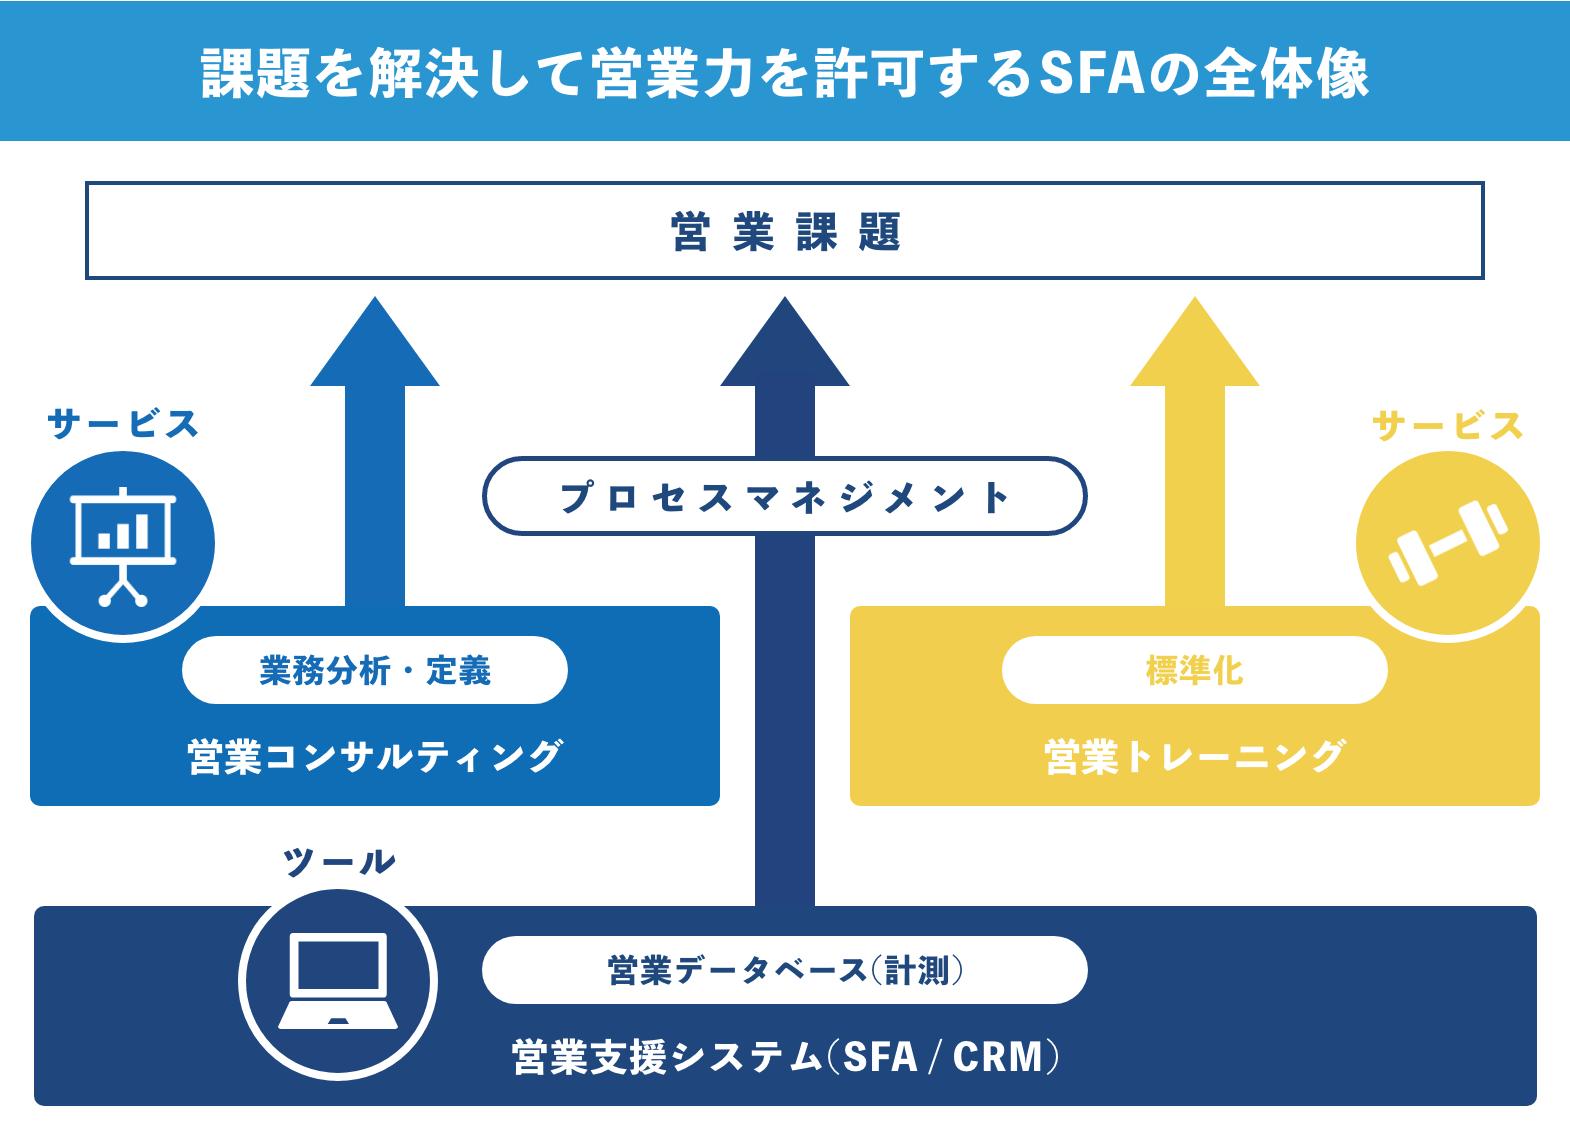 課題を解決して営業力を強化するSFAの全体像